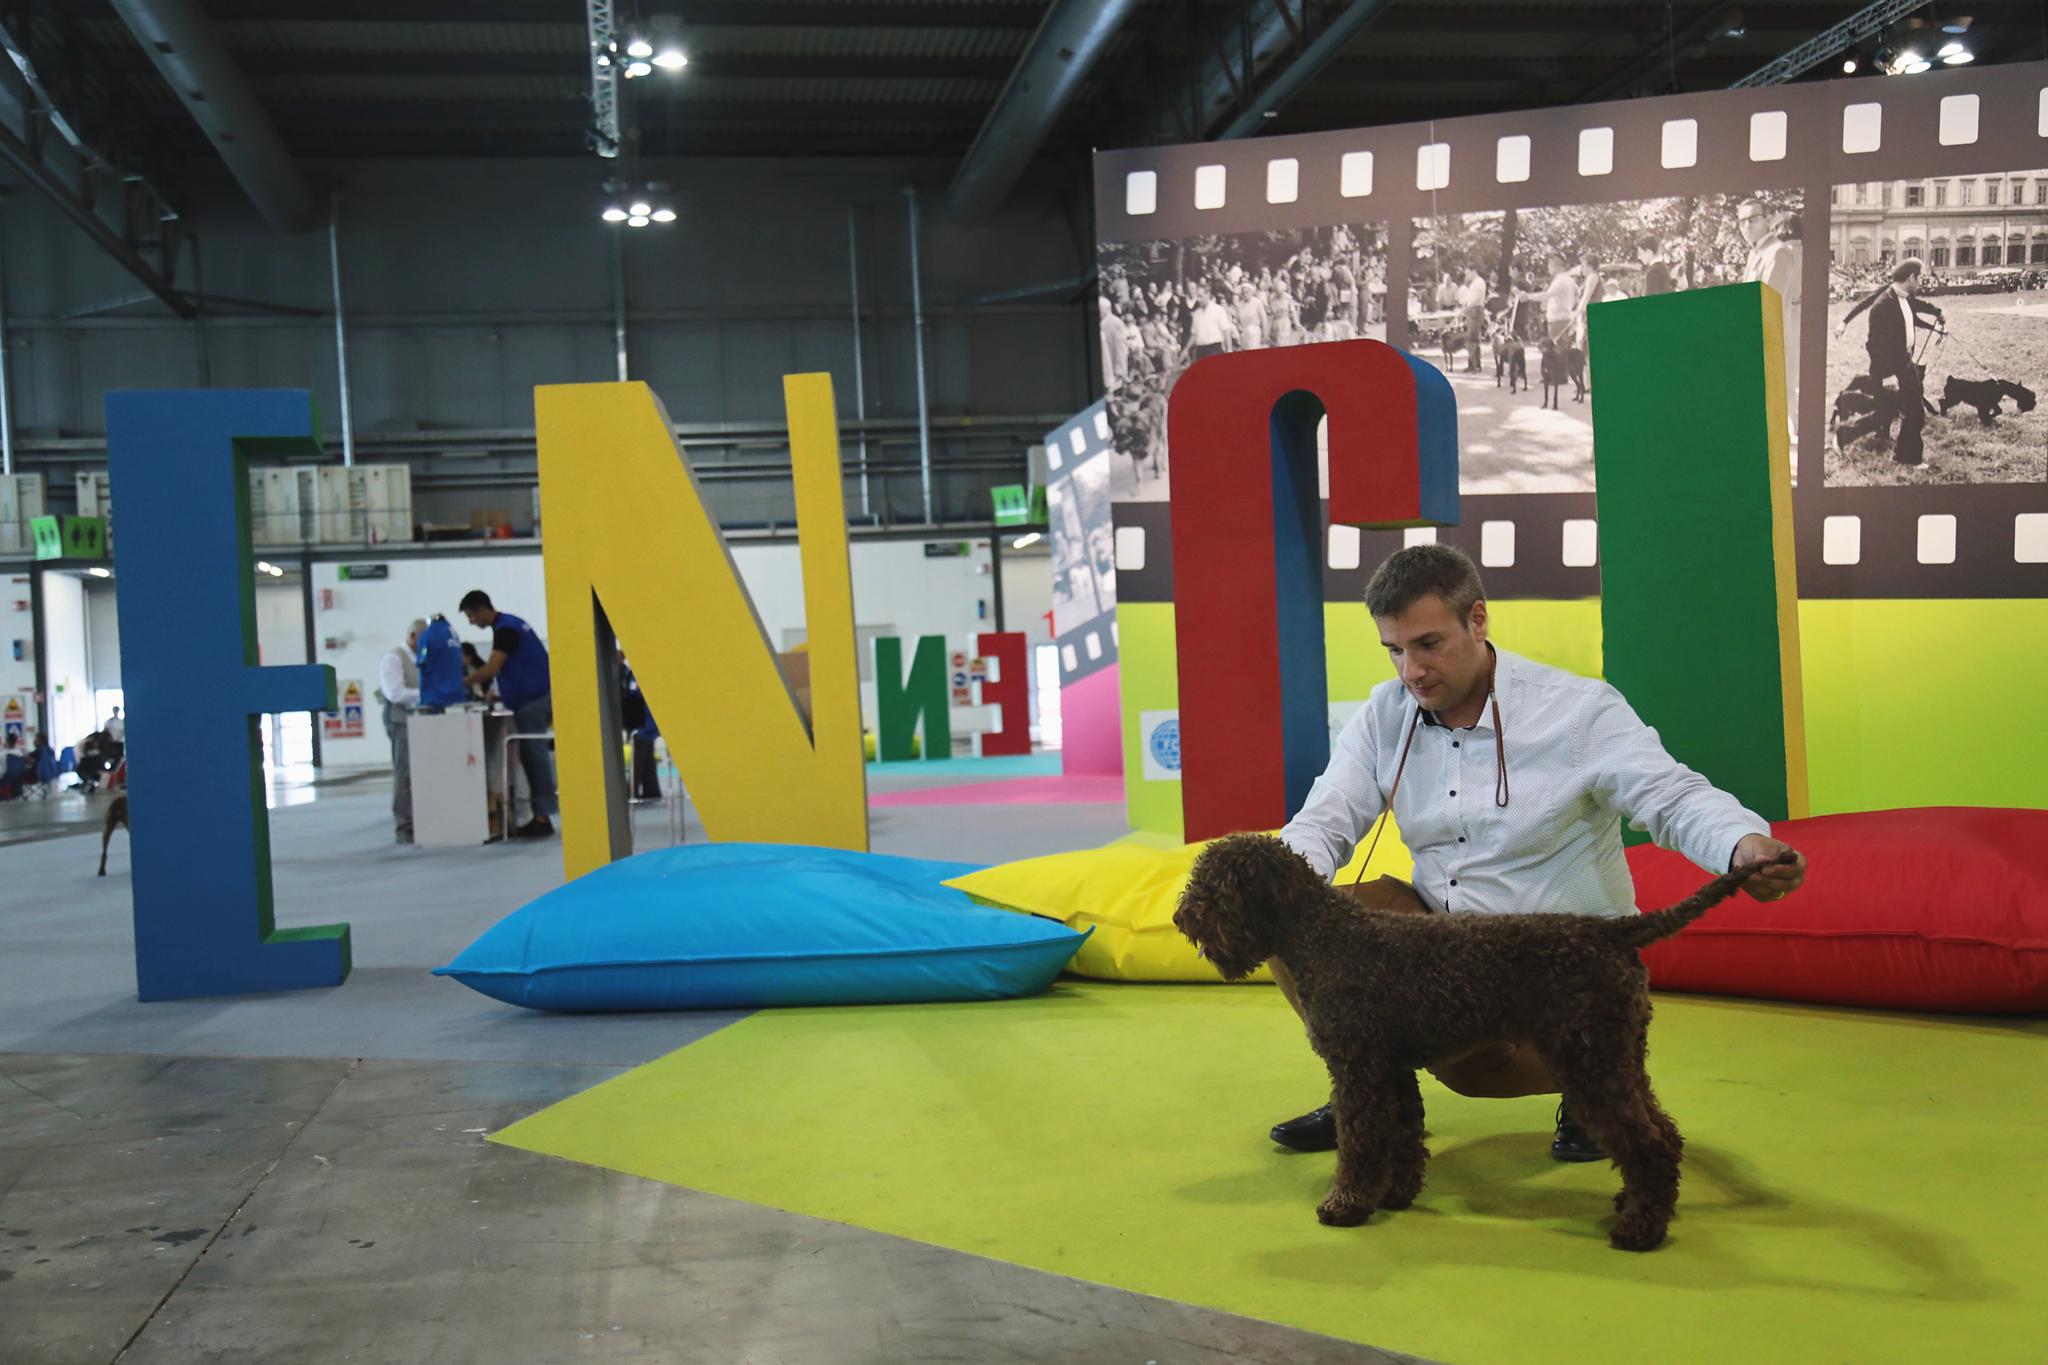 VP1 in Raduno Enci show, Italy